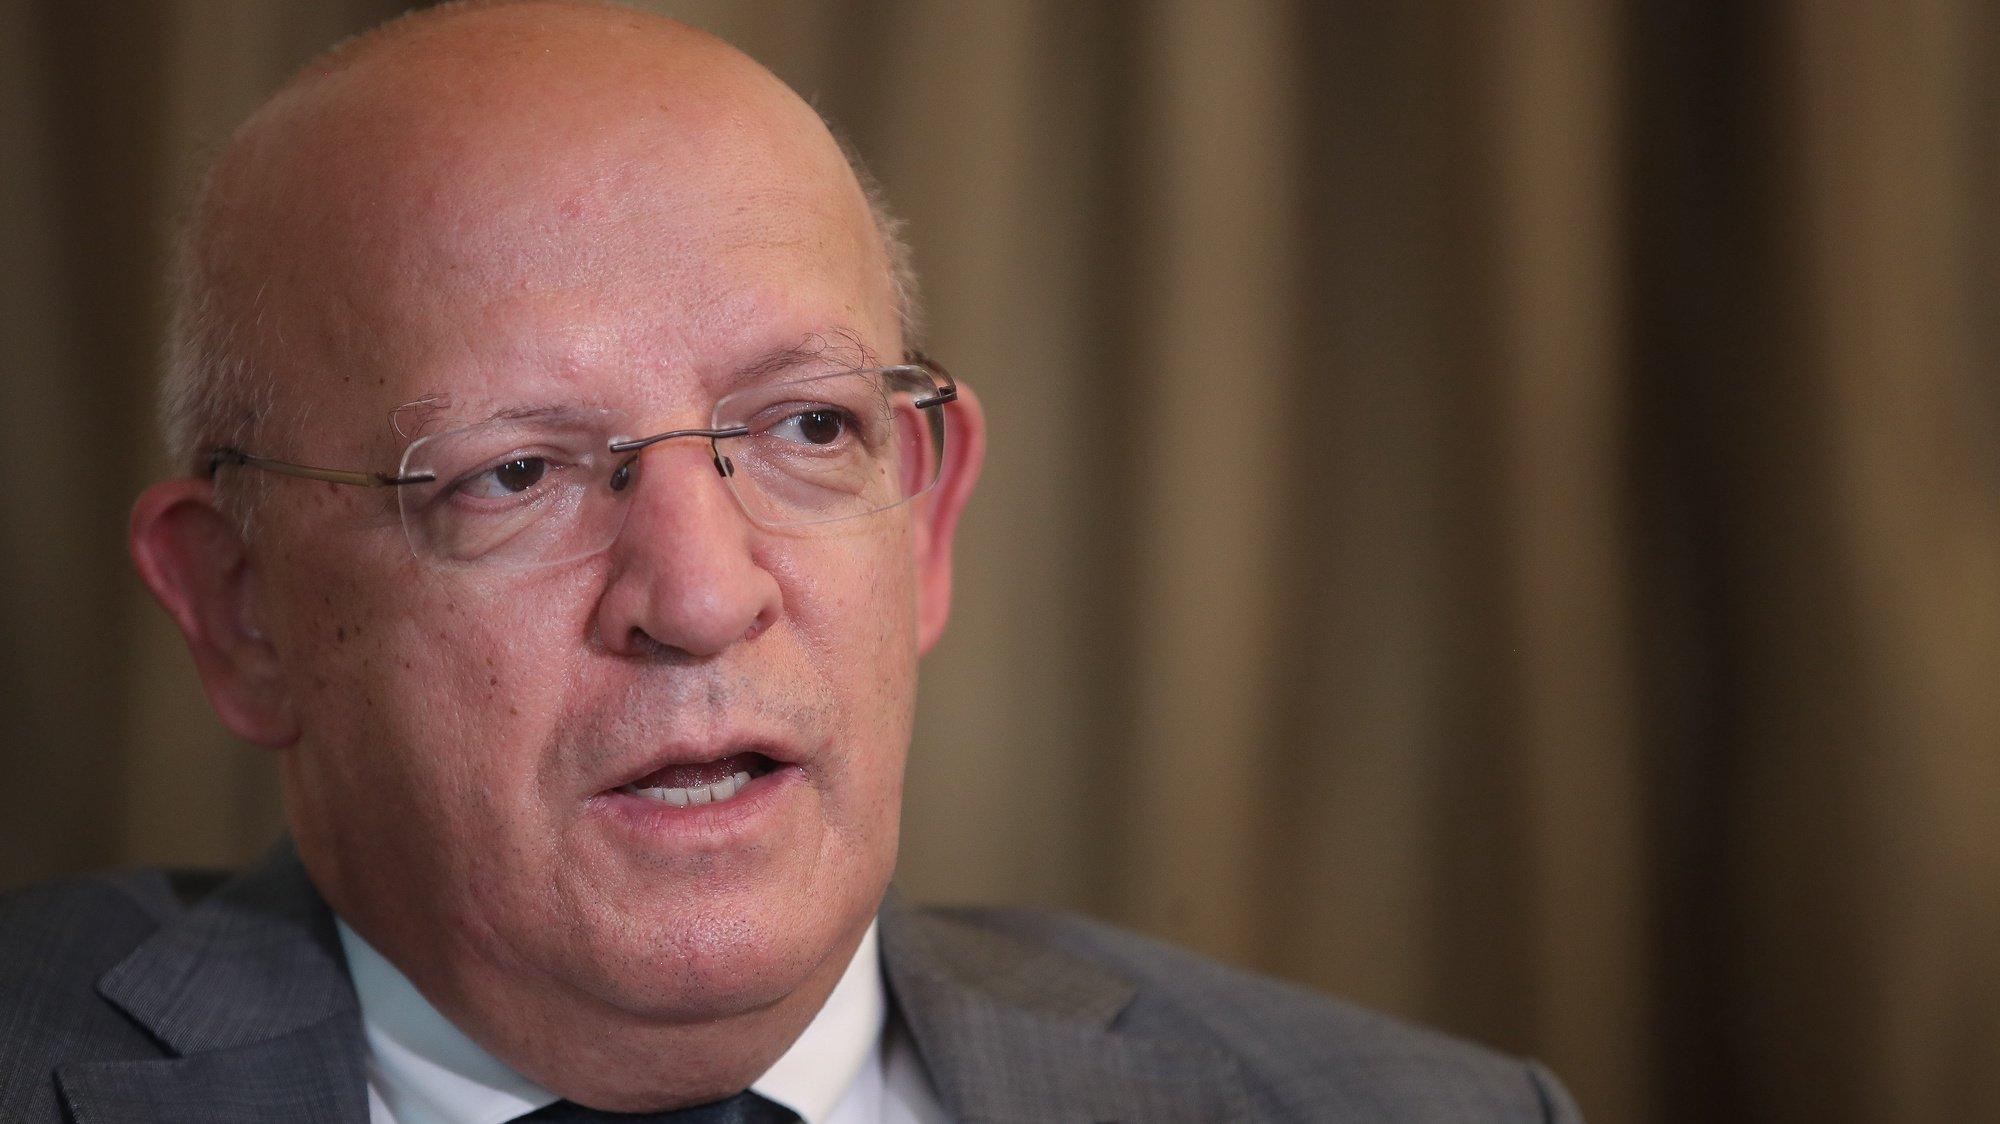 O ministro dos Negócios Estrangeiros, Augusto Santos Silva, durante uma entrevista à Lusa, no Ministério dos Negócios Estrangeiros, em Lisboa, 13 de julho de 2021. (ACOMPANHA TEXTO DA LUSA DO DIA 15 DE JULHO DE 2021). MÁRIO CRUZ/LUSA